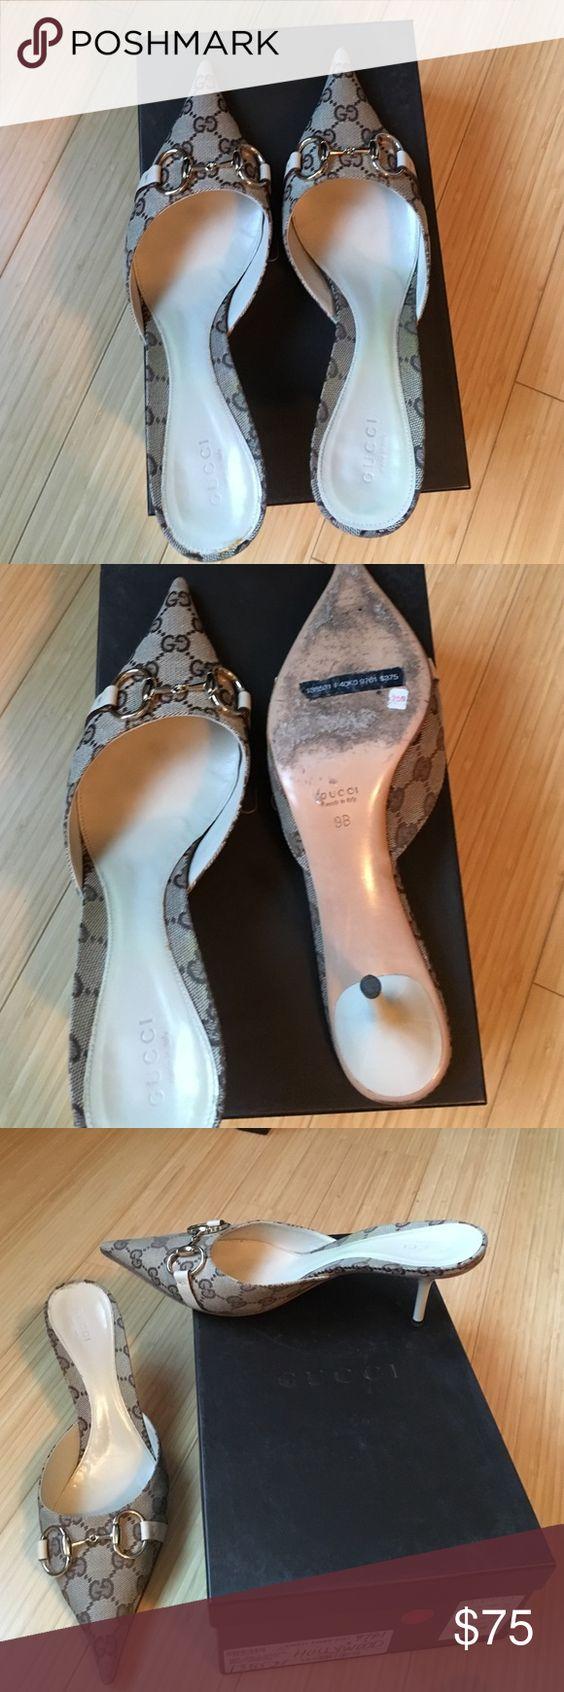 Size 9 Kitten Heel Shoes